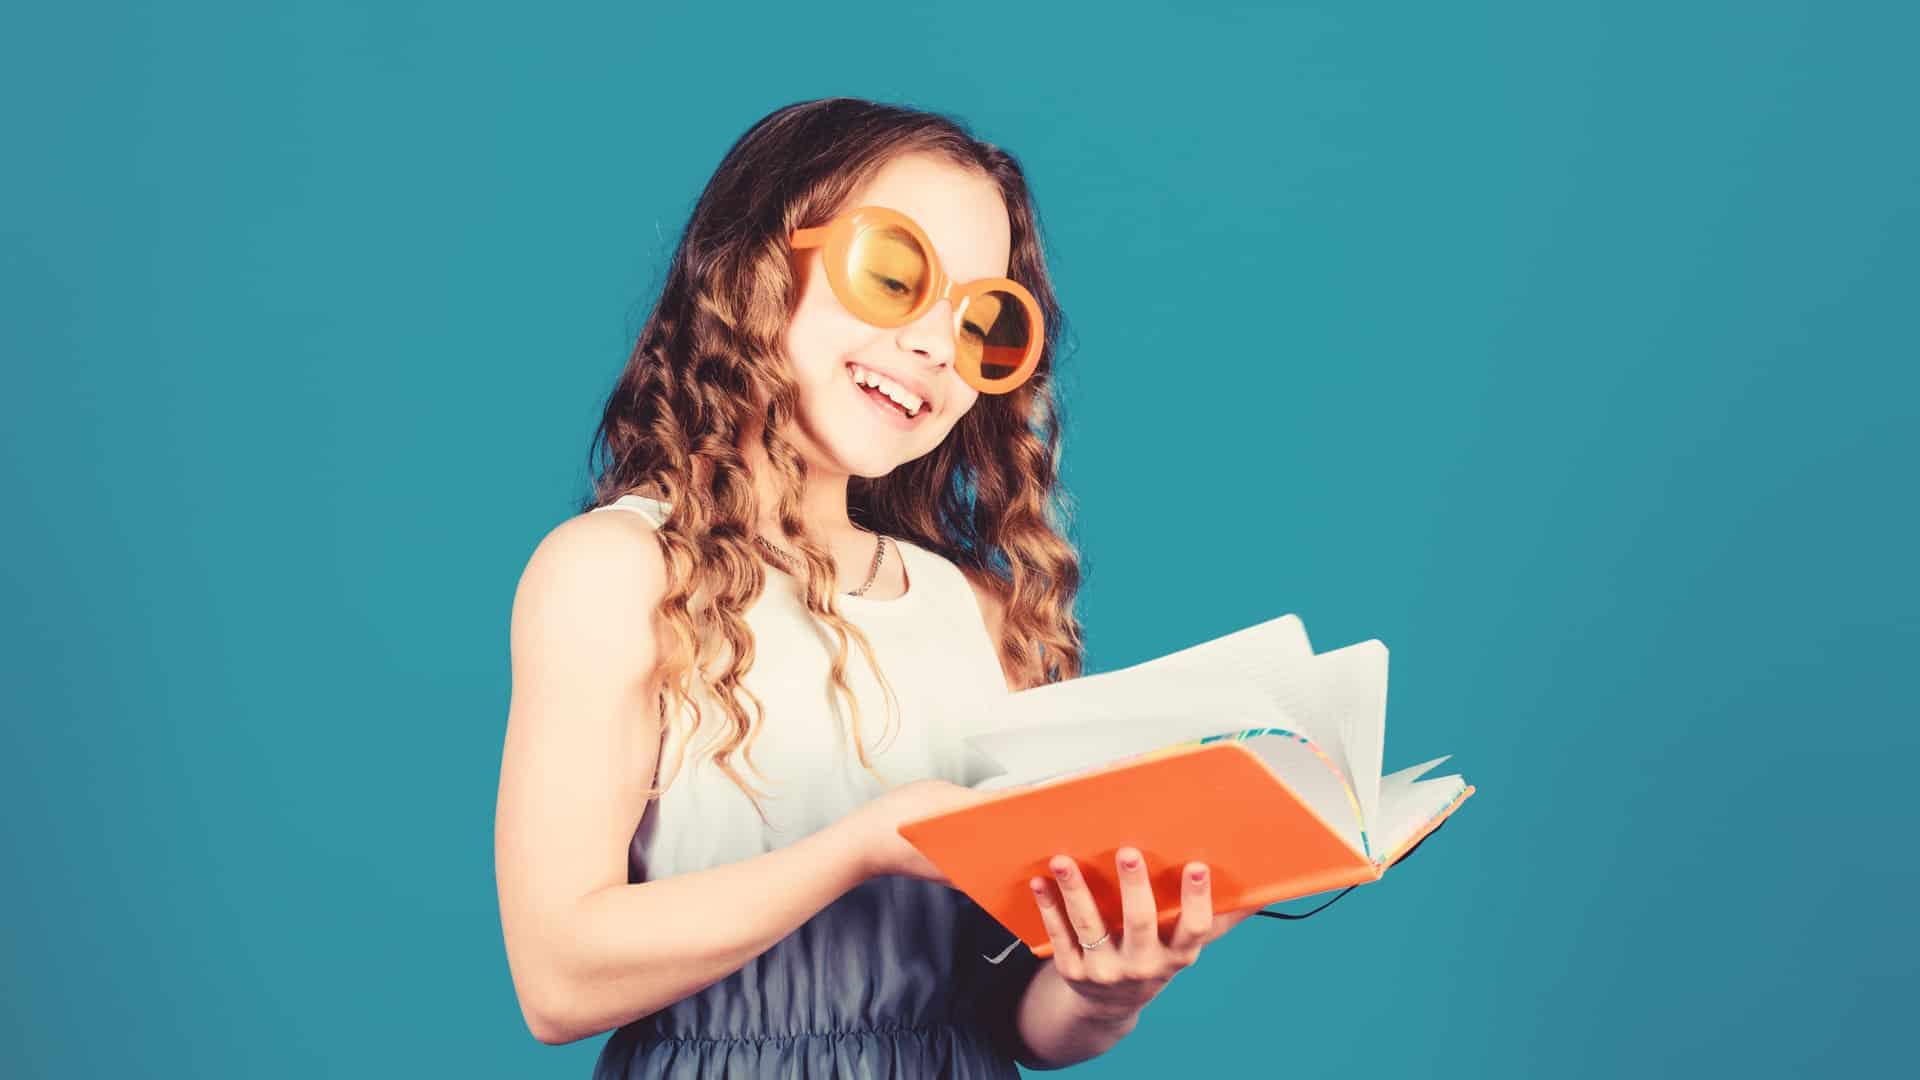 Happy kids reading an orange summer book